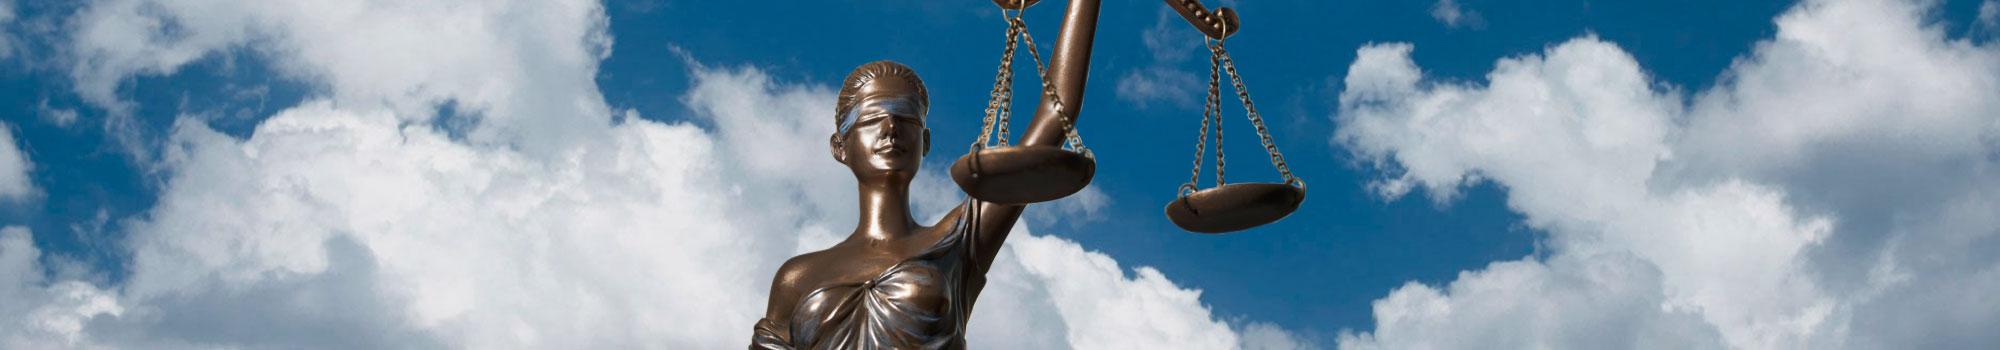 Адвокат по уголовным делам в Рязани